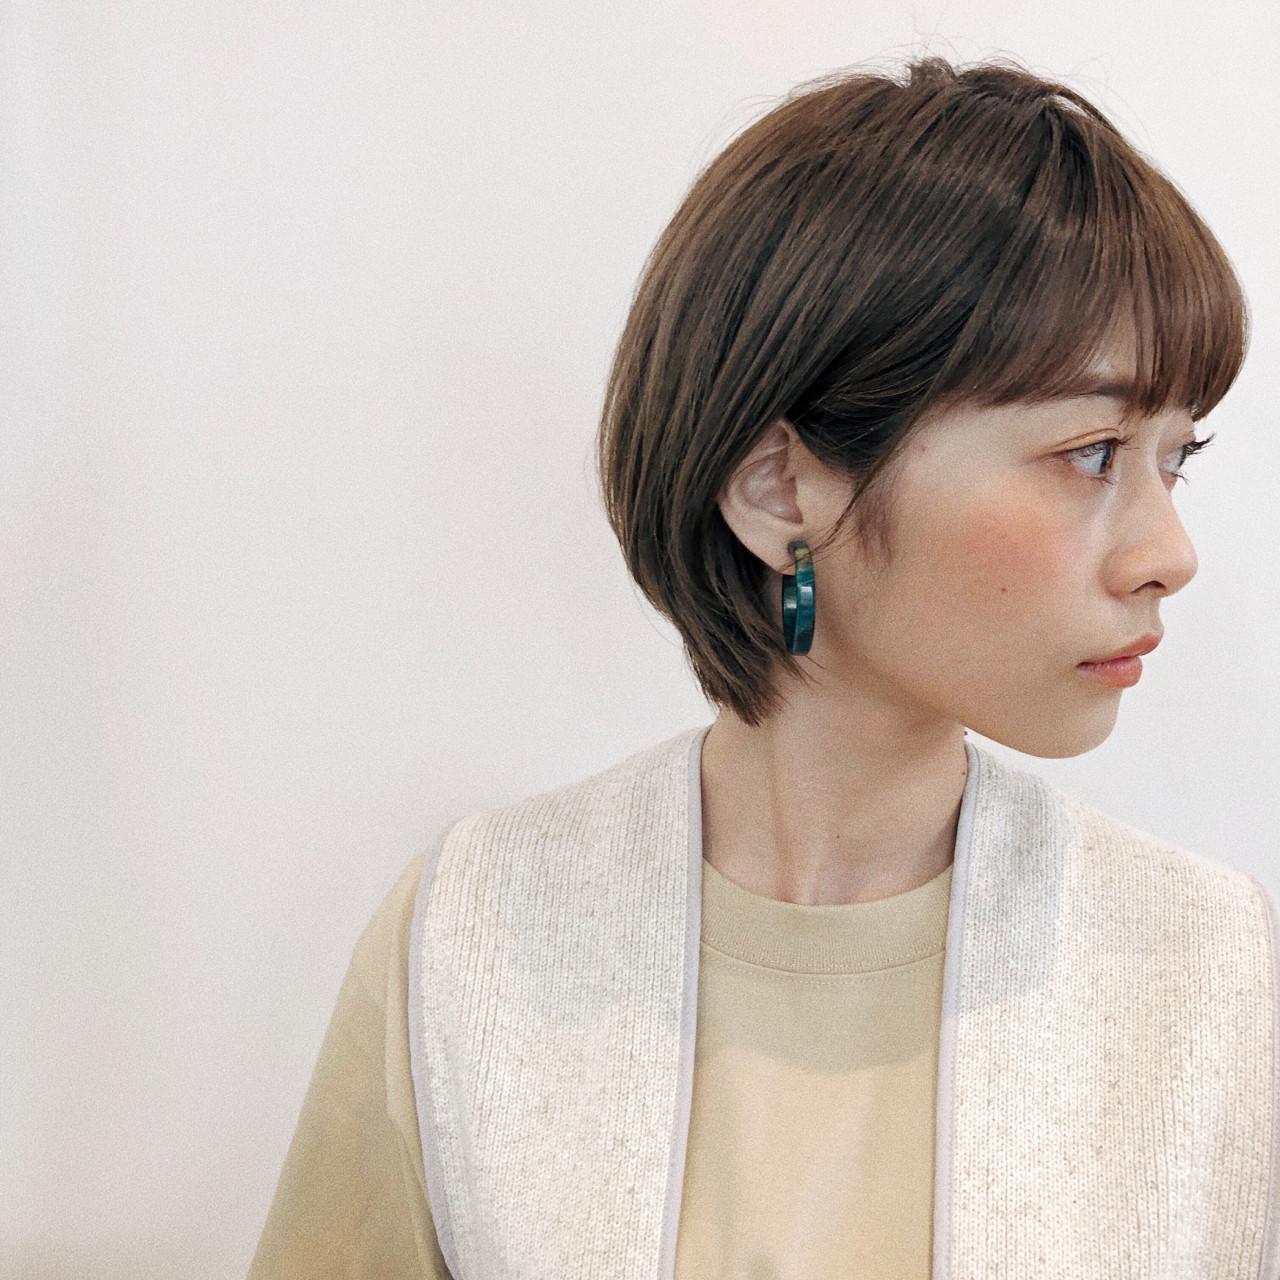 ナチュラル ボブ ヘアスタイルや髪型の写真・画像 | joemi 大久保 瞳 / Joemi by Un ami(ジョエミ バイ アンアミ)